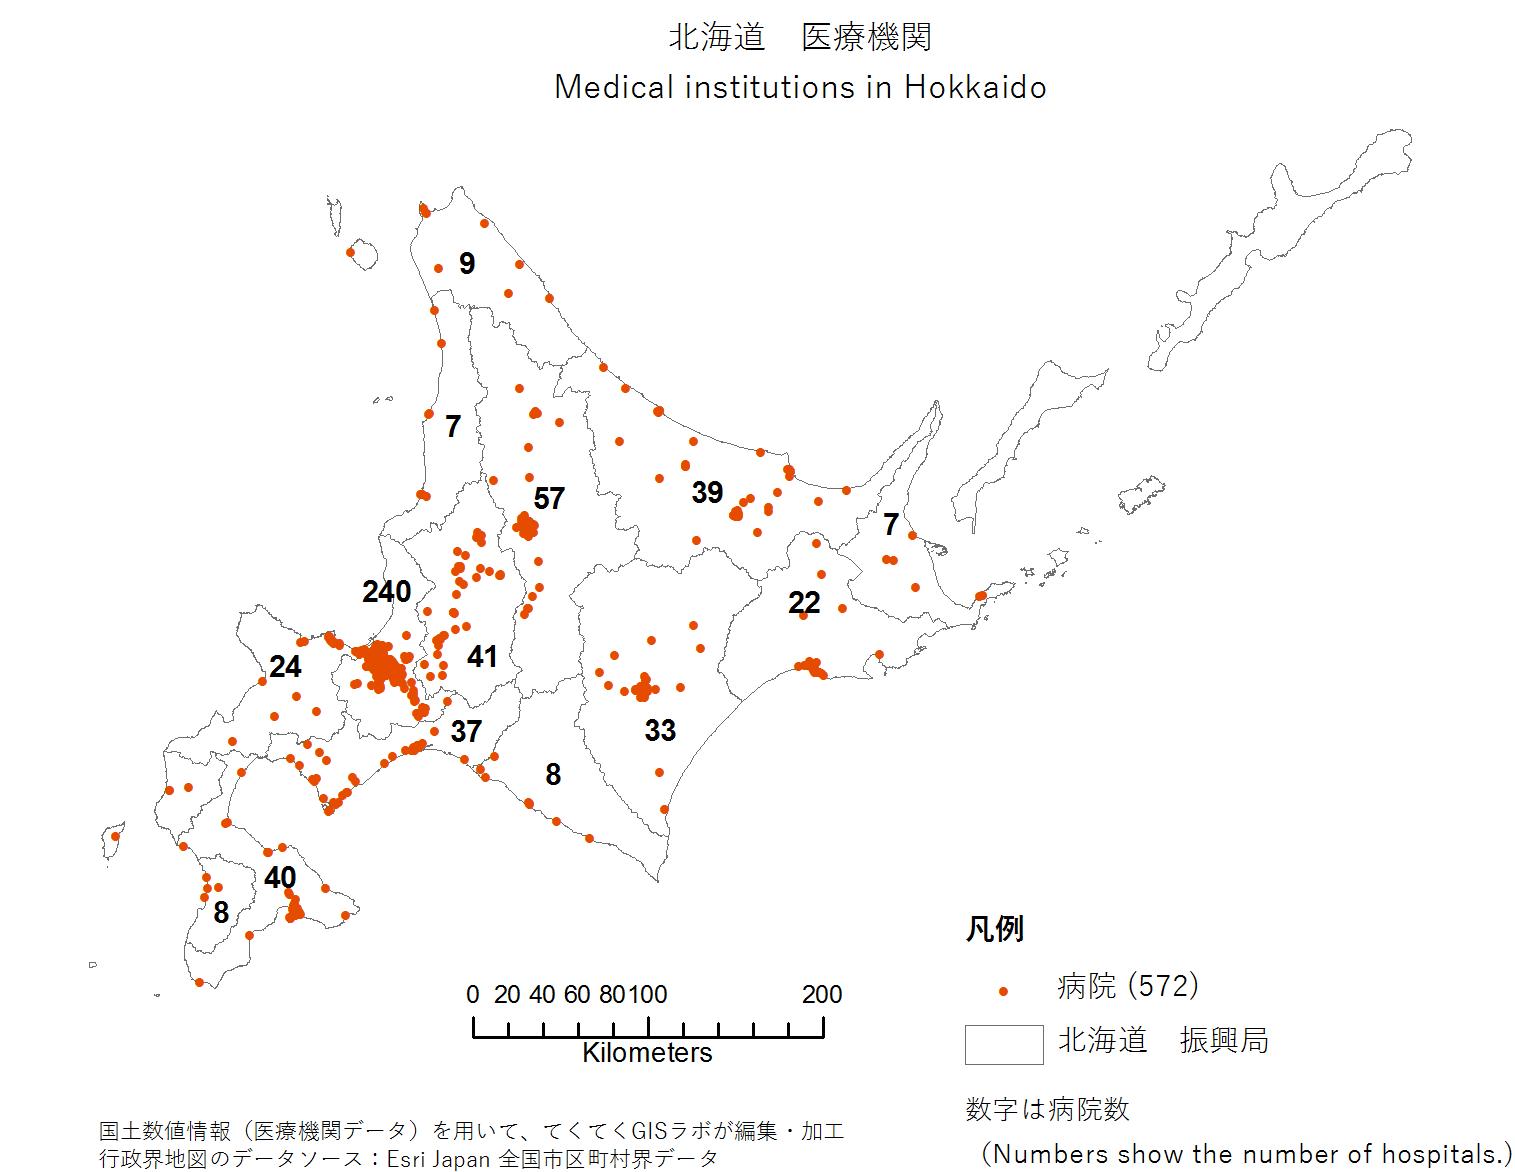 Hospitals in Hokkaido